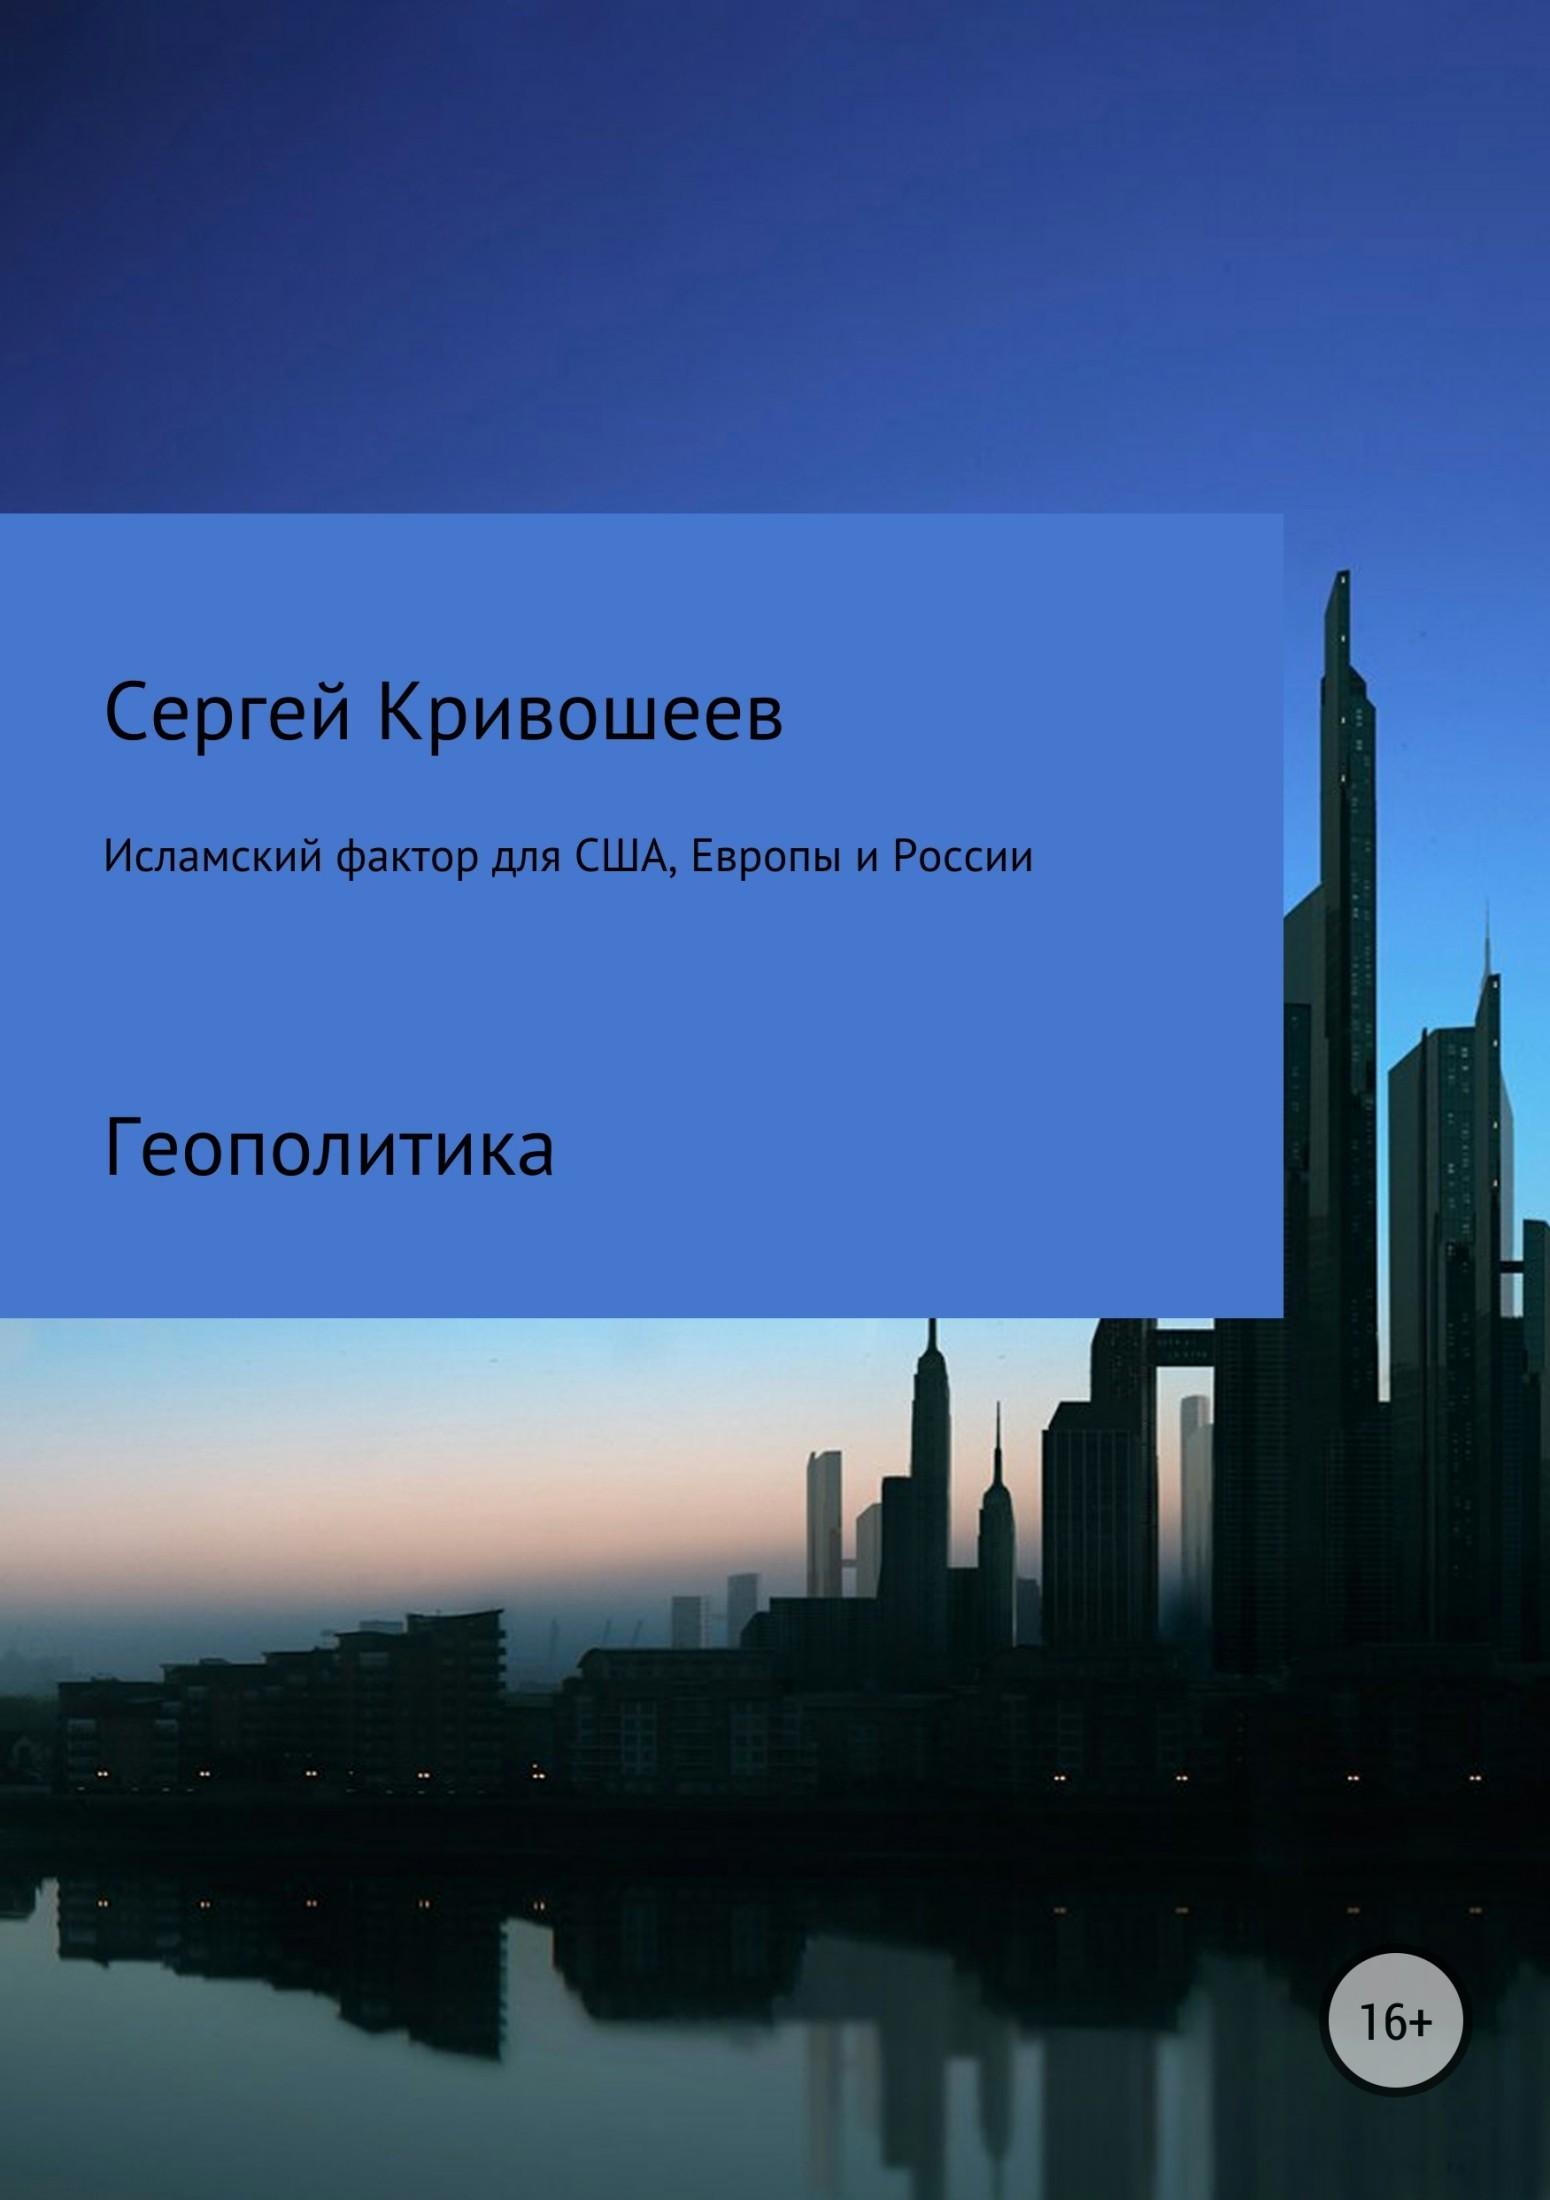 Сергей Кривошеев - Исламский фактор для США, Европы и России